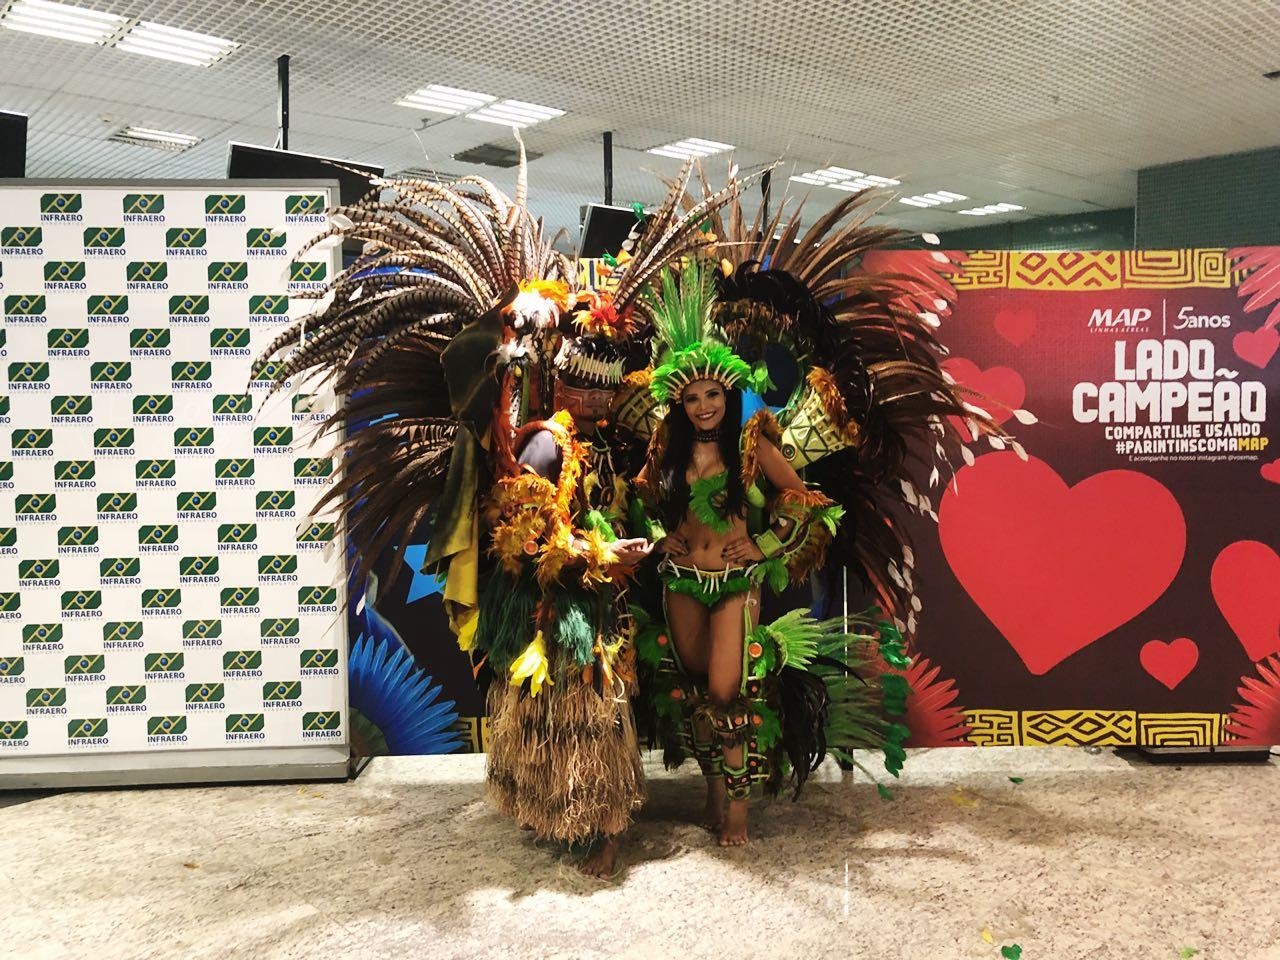 Festival de Parintins deve movimentar mais de 12 mil passageiros no Aeroporto de Manaus